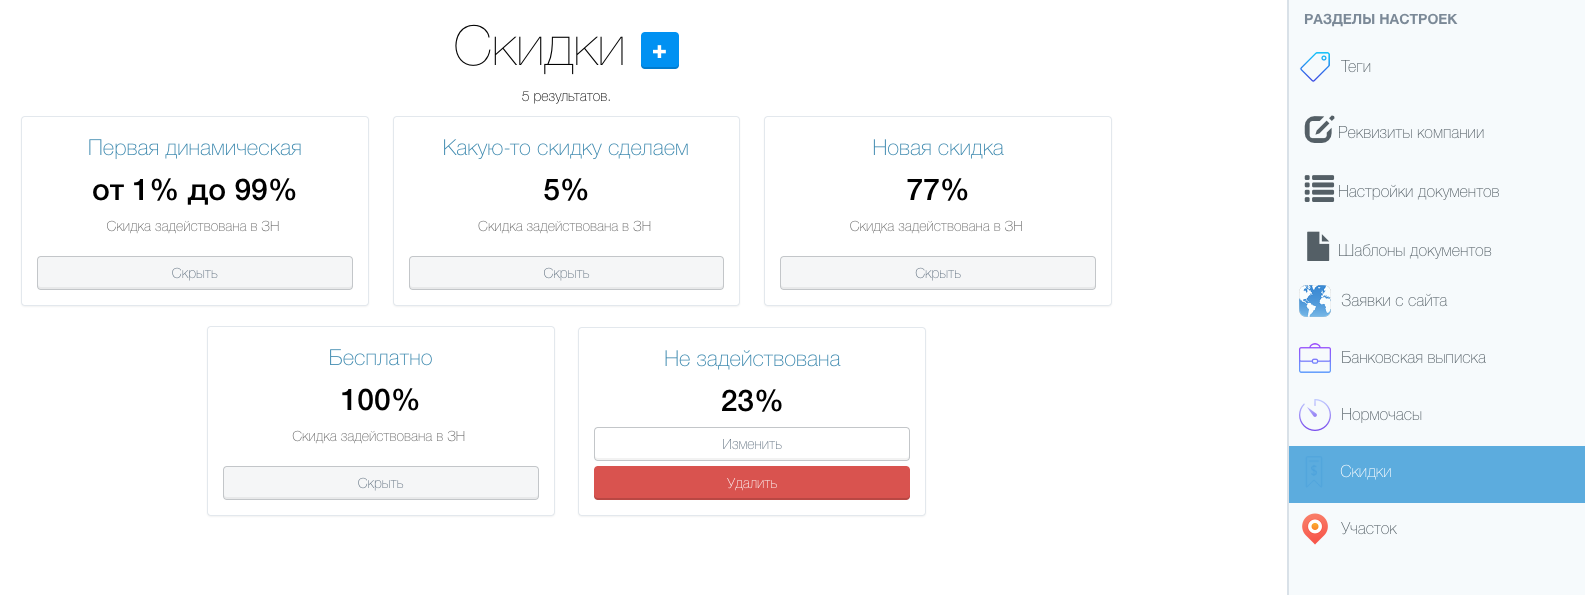 Функционал скидок - обзор возможностей Авто iDirector auto.a25.ru